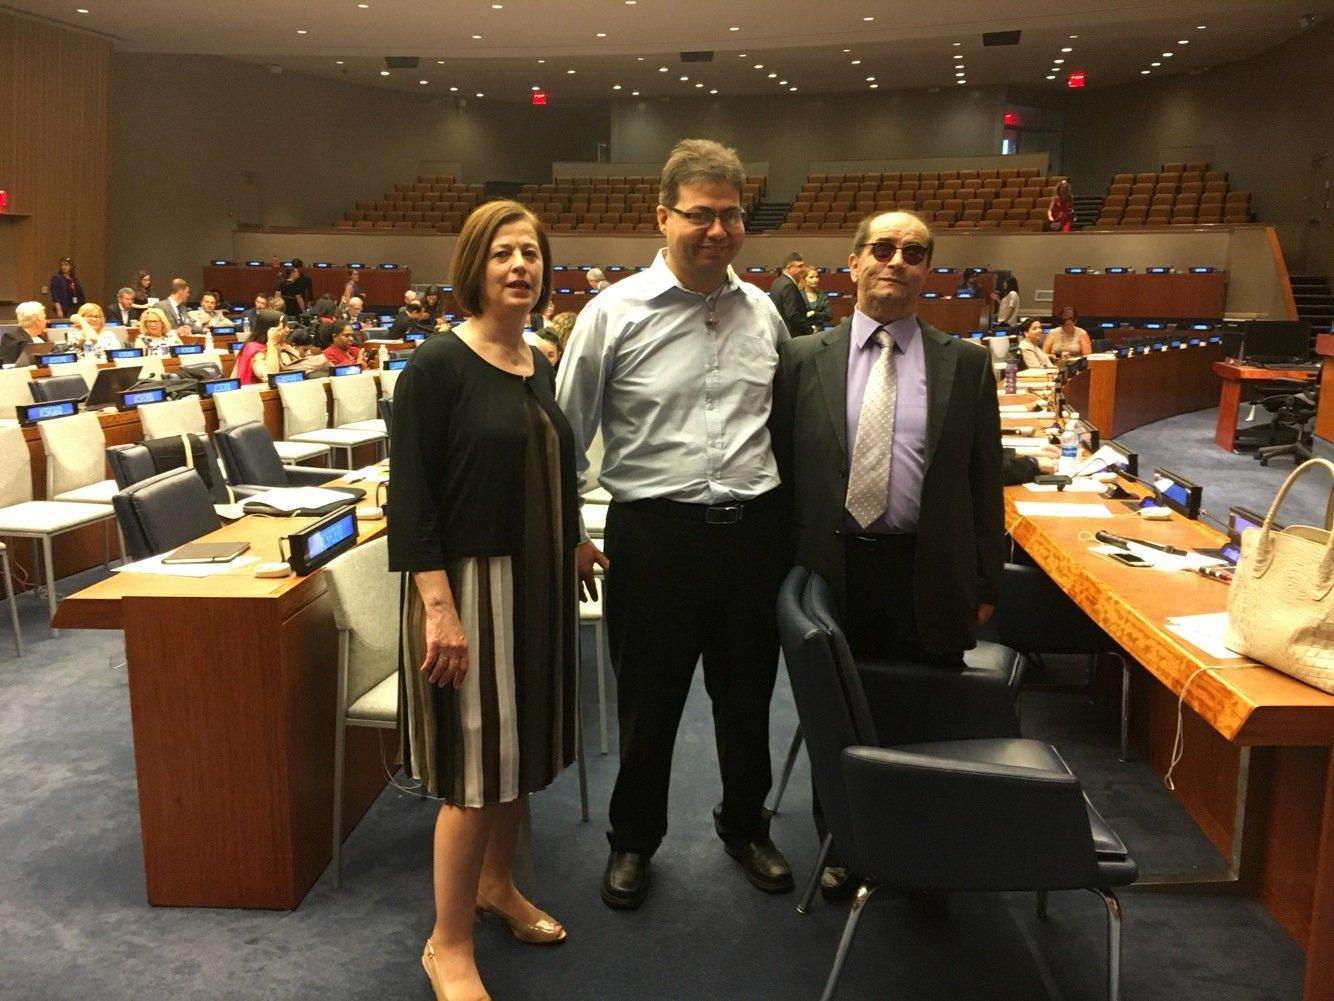 مشاركة تاريخية لجمعية المنارة في الأمم المتحدة